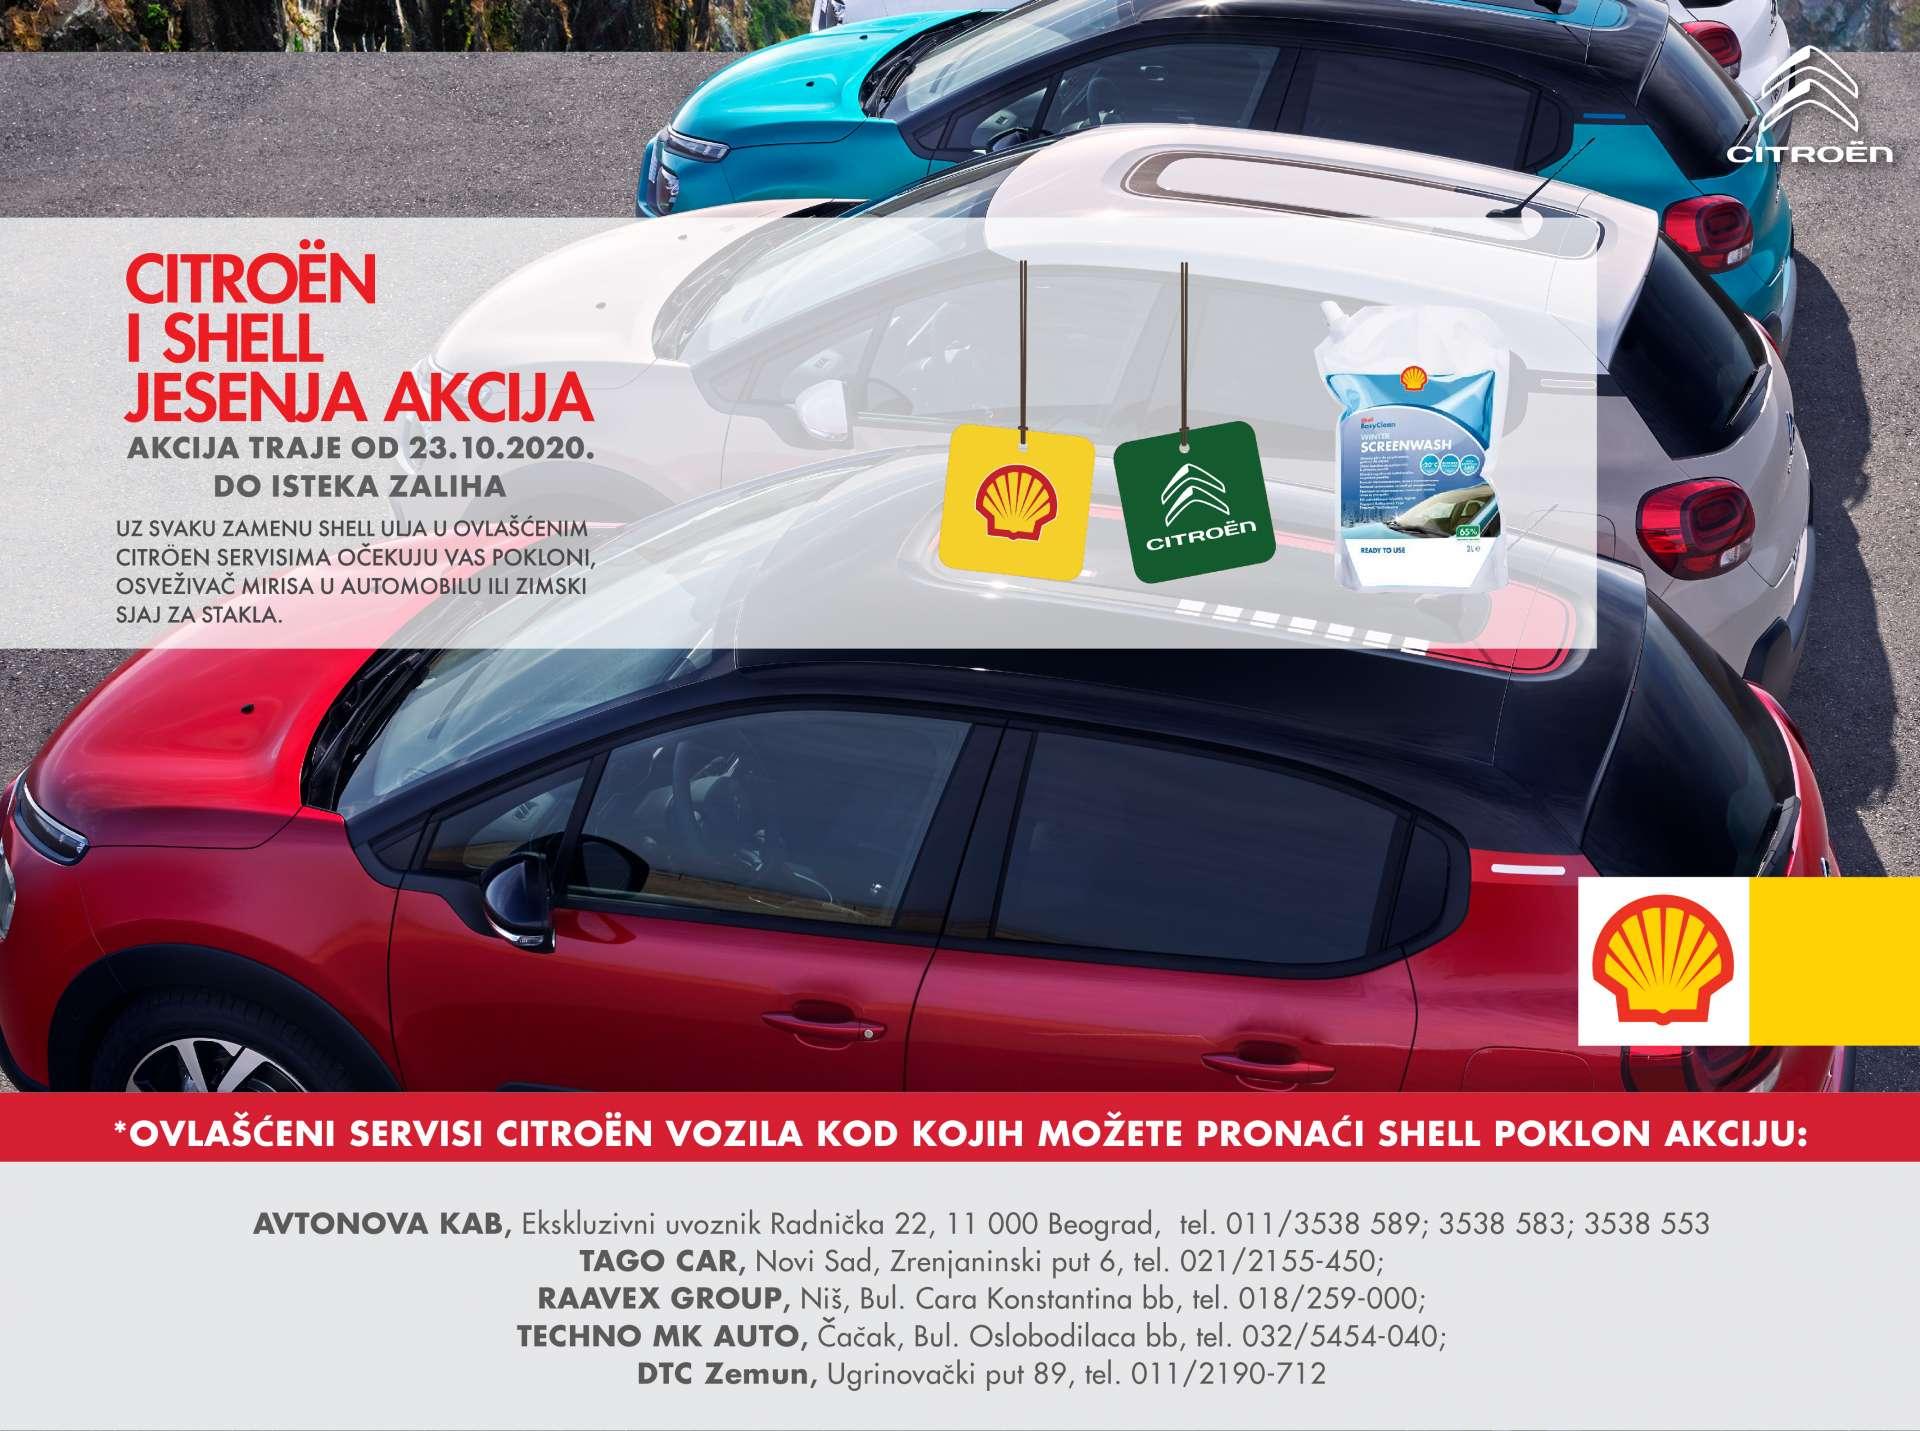 Citroën i pokloni u susret zimskim danima!